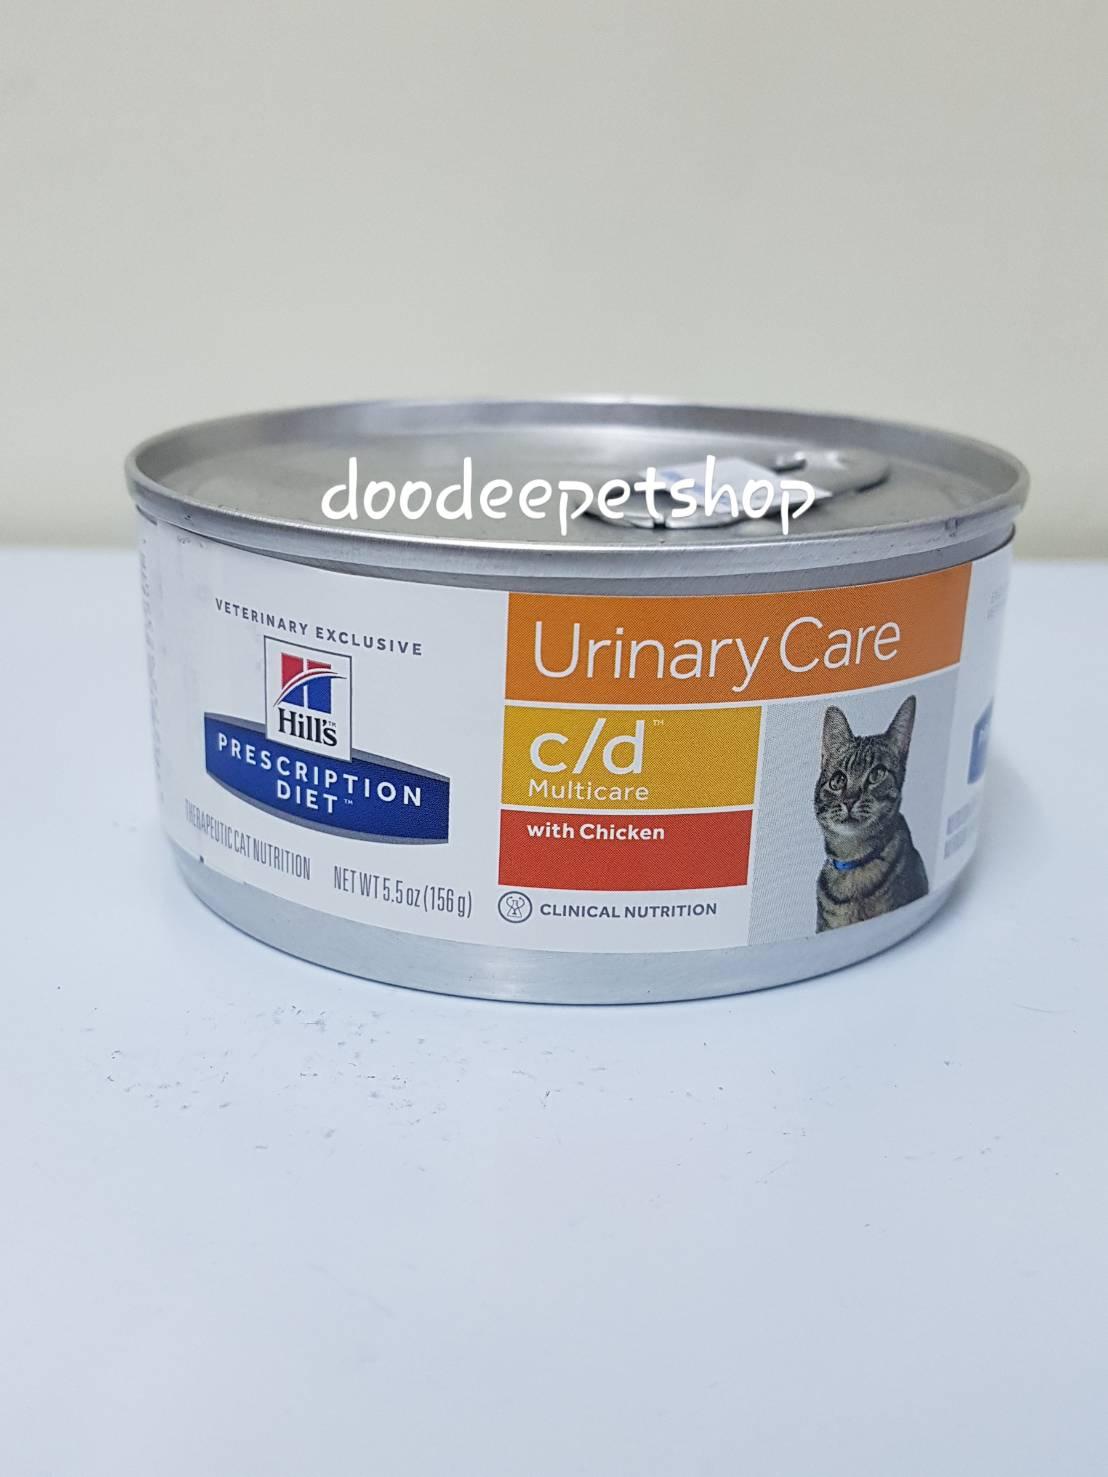 C/d แมวแบบกระป๋องเปียก สำหรับแมวที่ที่มีปัญหาโรคนิ่ว (จำนวน 4 กป.)